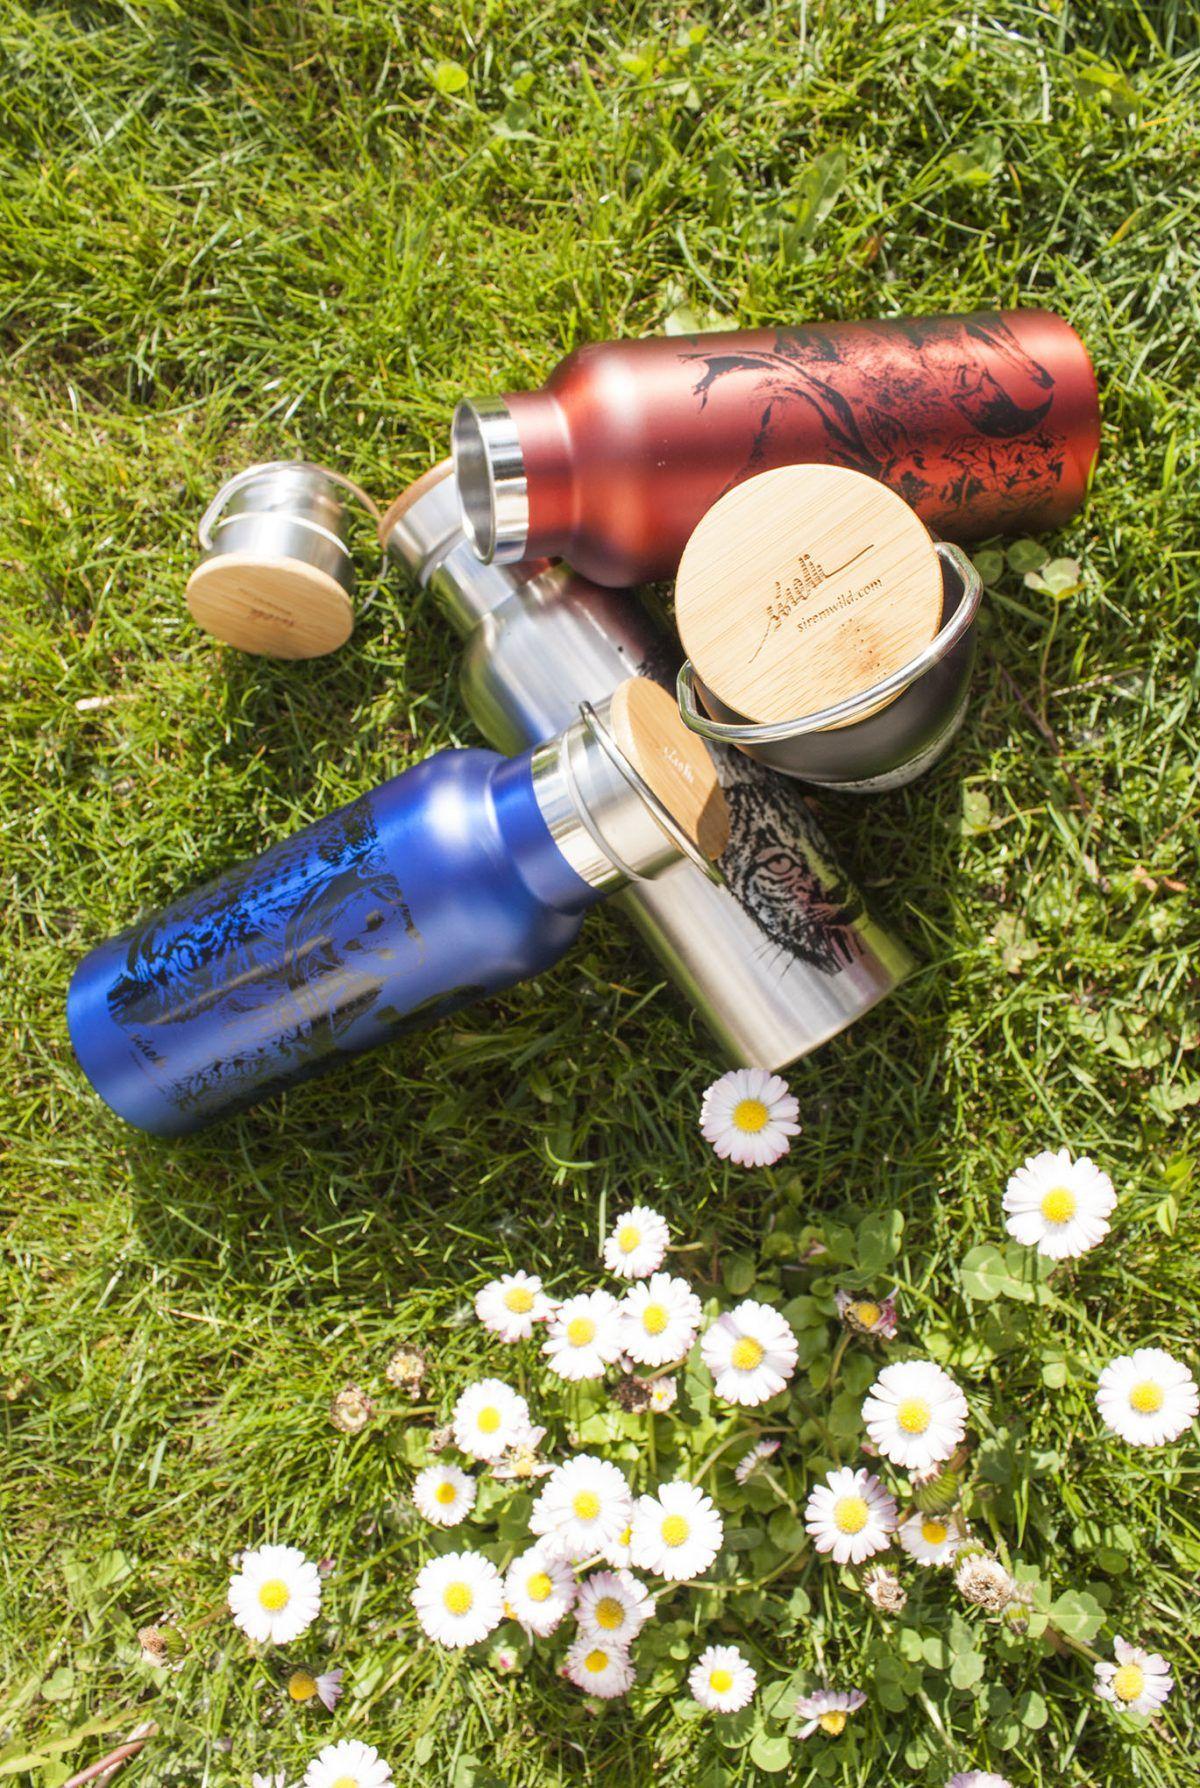 botella termo reutilizable-acero inoxidable-500ml-dibujos animales-zero waste-negra-roja-azul-gris plata-tapon bambu-sirem wild-animales